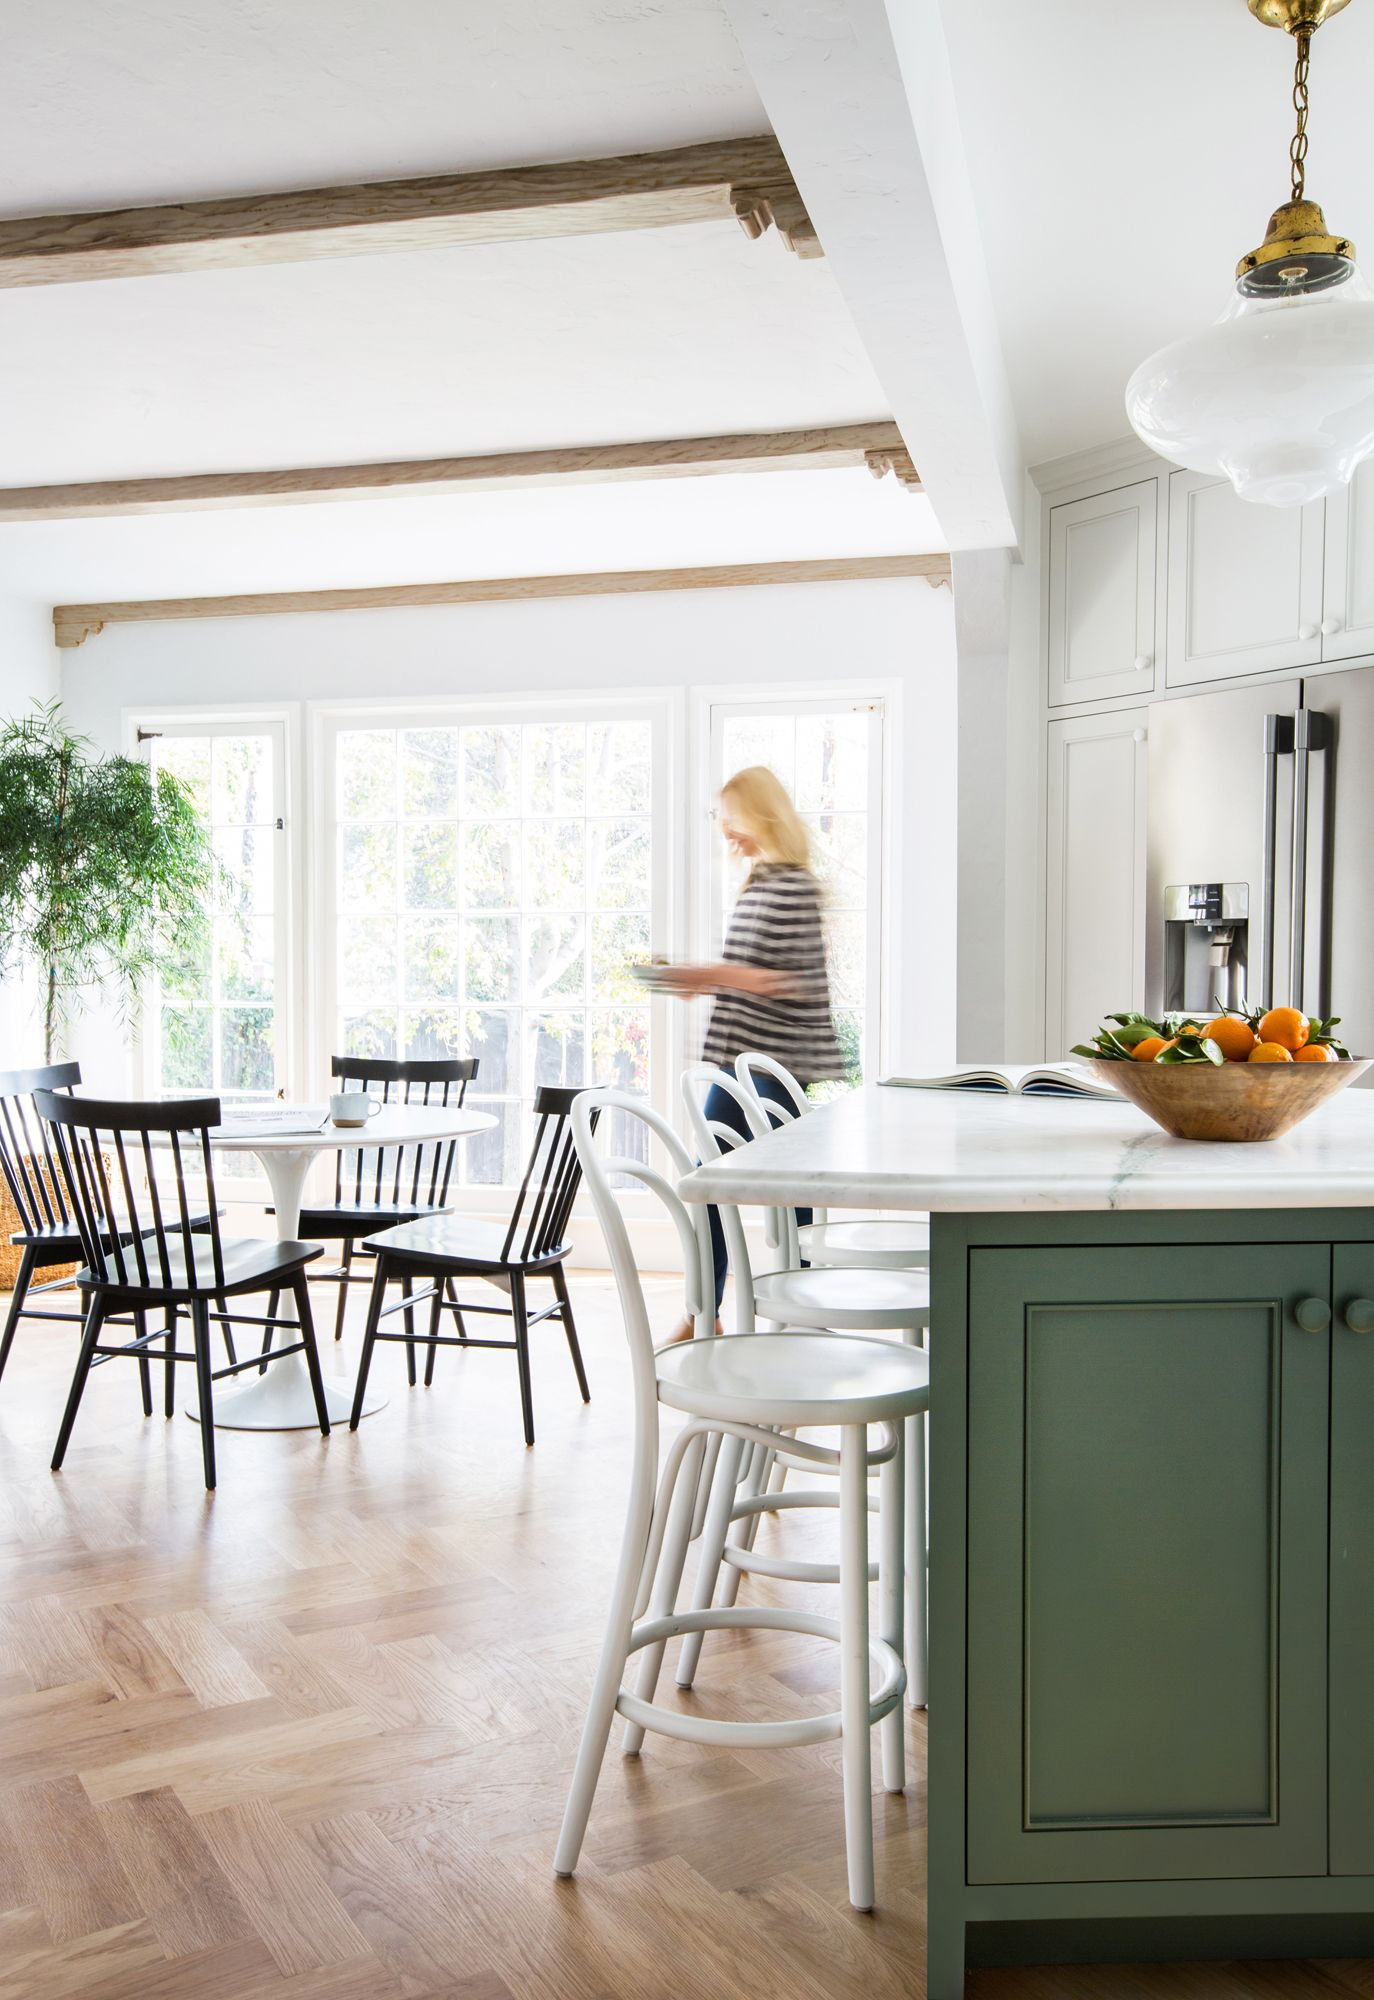 stilvoll gestaltete esszimmer stehen hoch im trend, designer emily henderson on renovating her own kitchen, Innenarchitektur